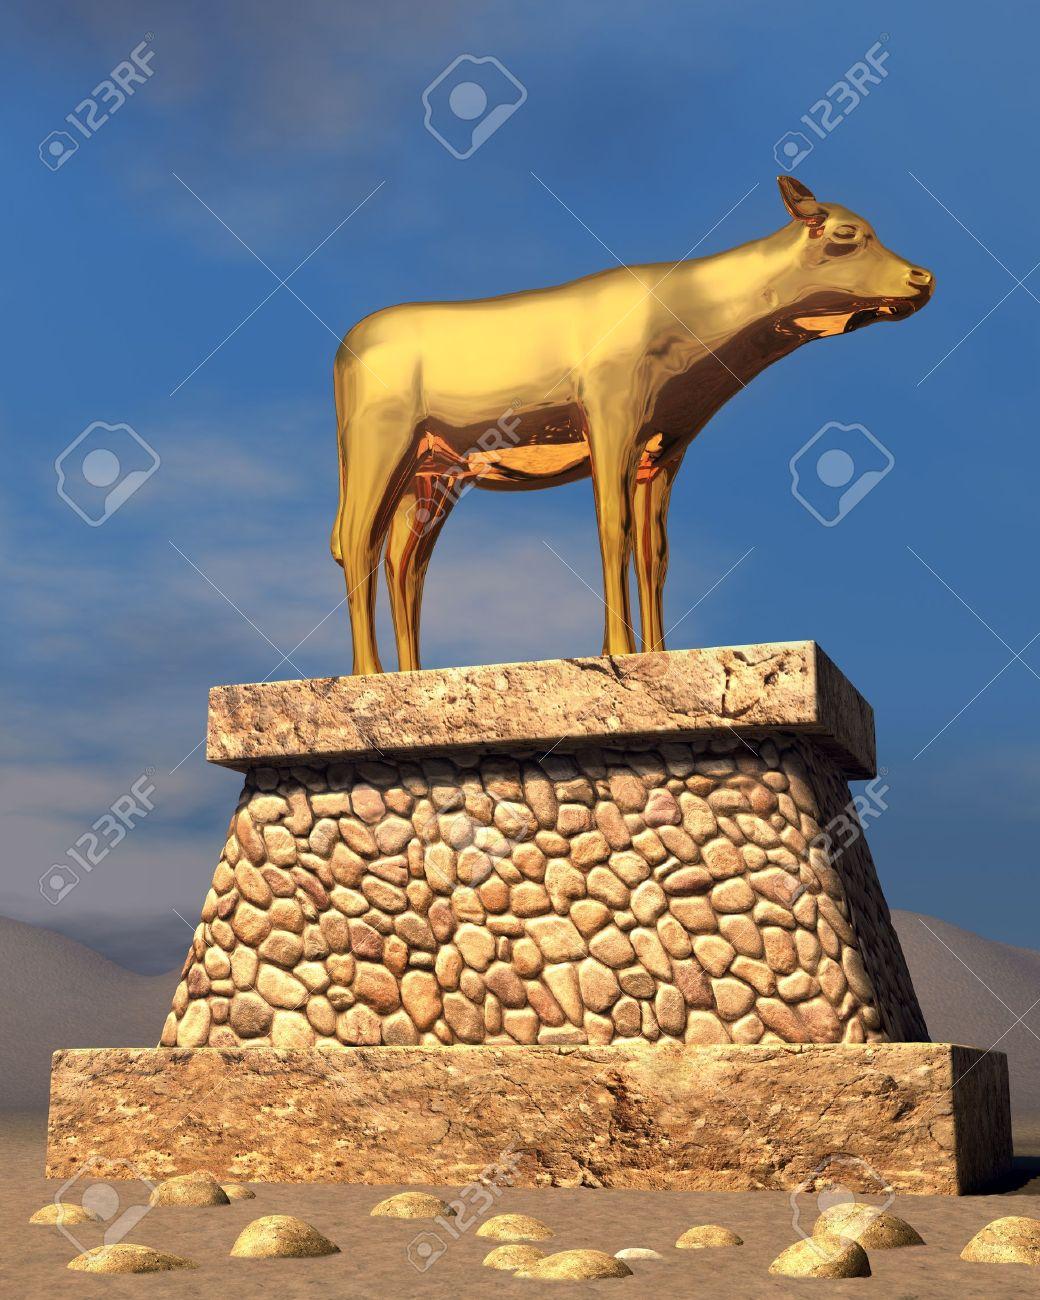 The golden calf as described in the book of Exodus Stock Photo - 9524493